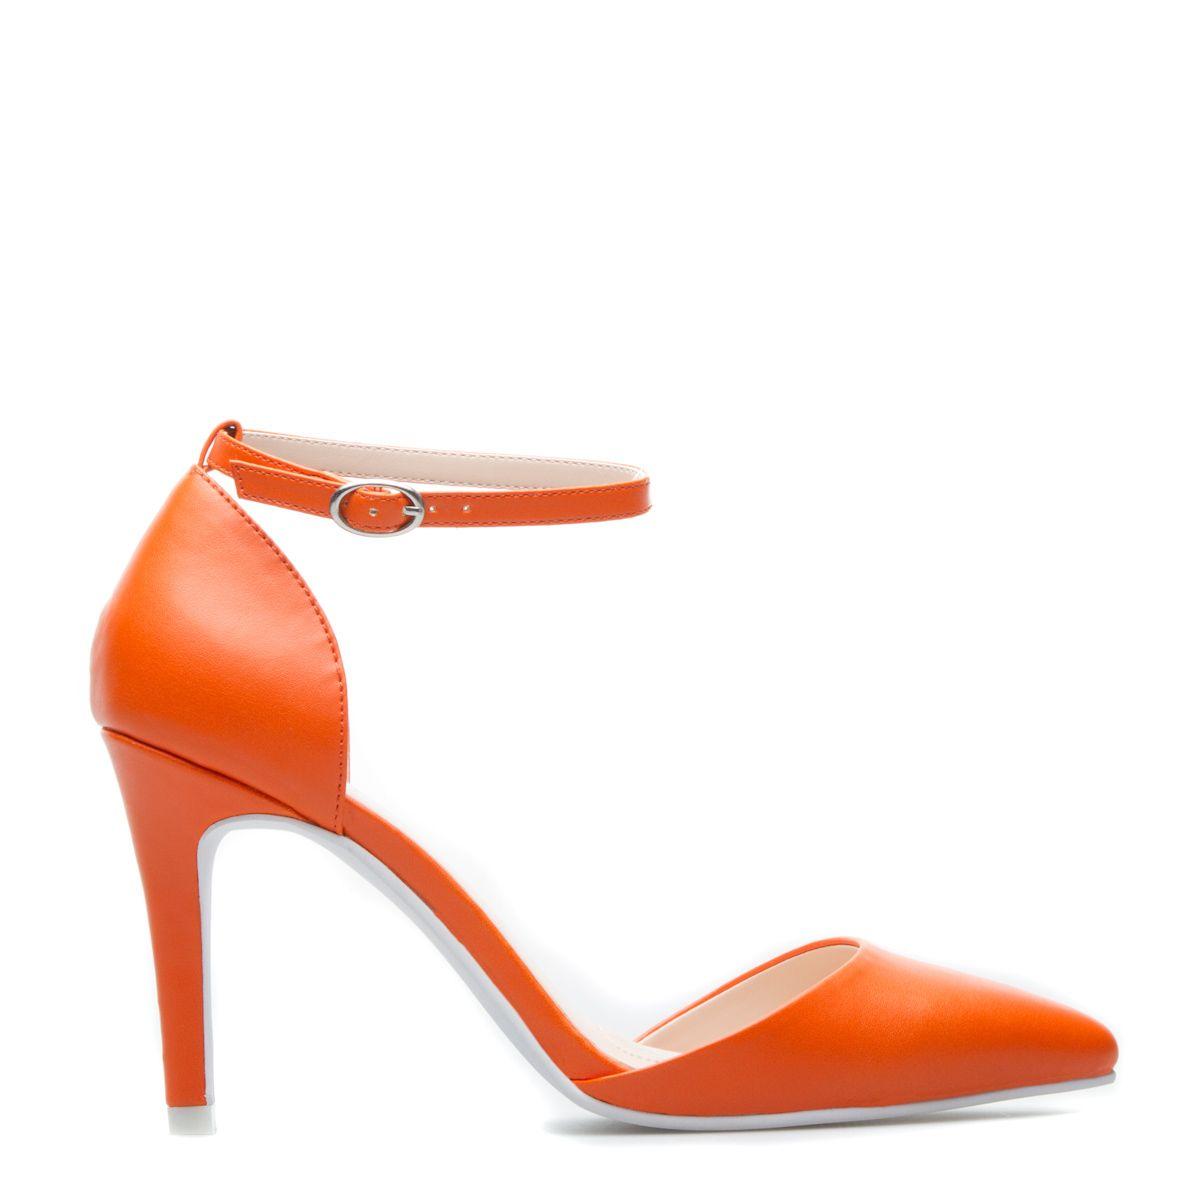 86e776b9f10 Joana s sultry pointed-toe